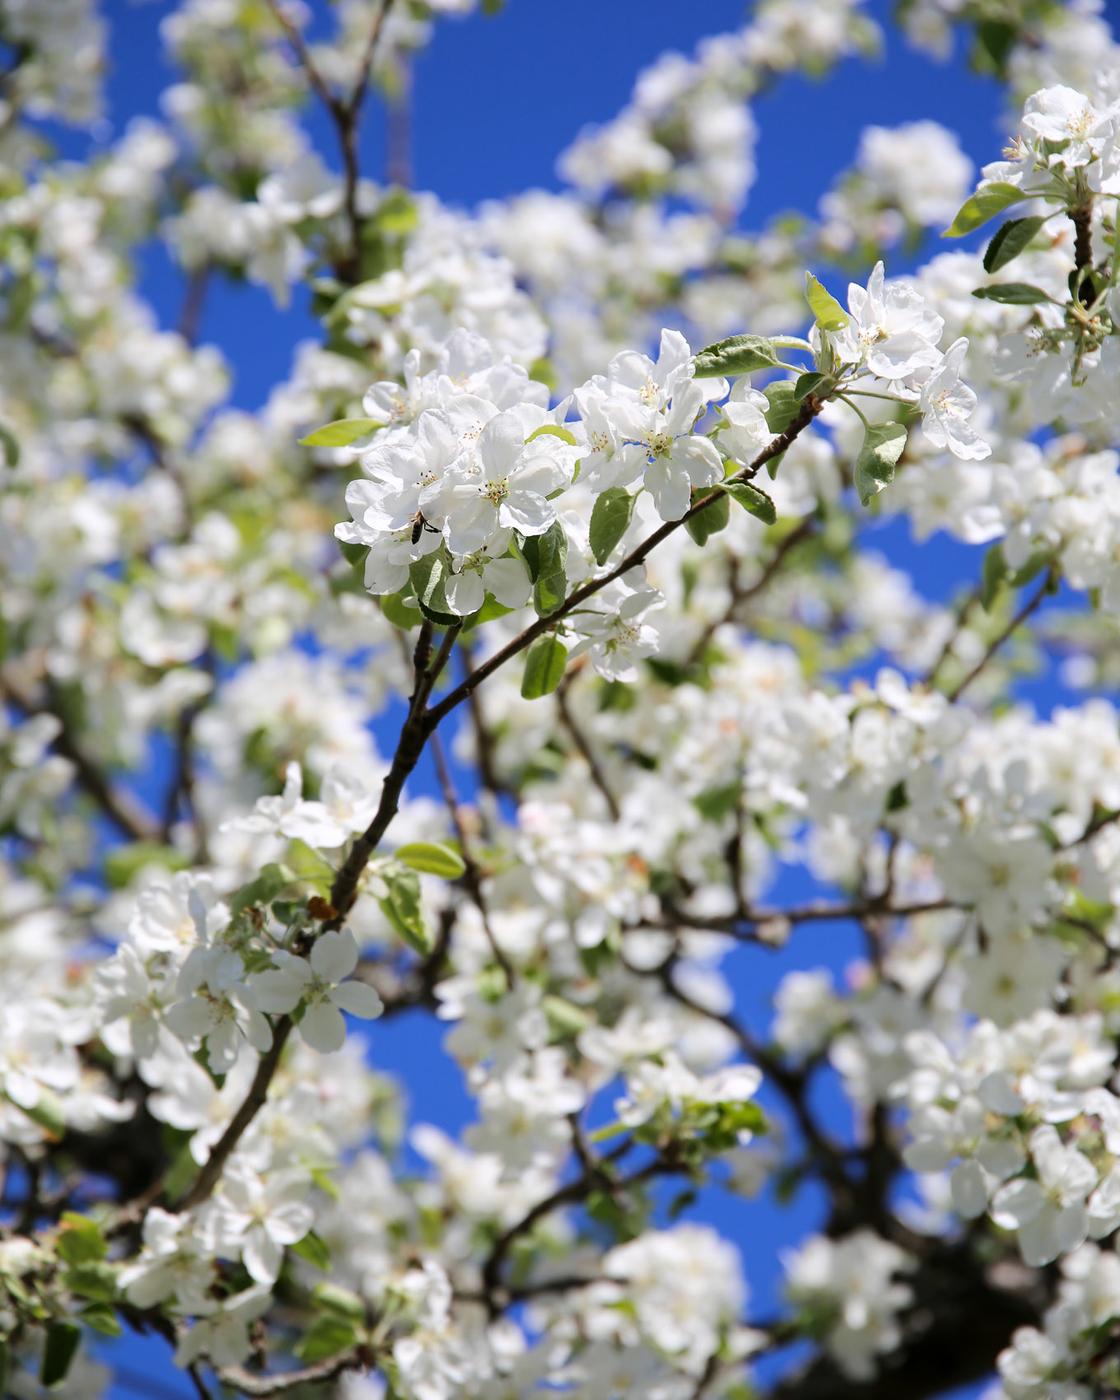 Herttoniemen siirtolapuutarha - Omenapuut kukkivat - 01.jpg